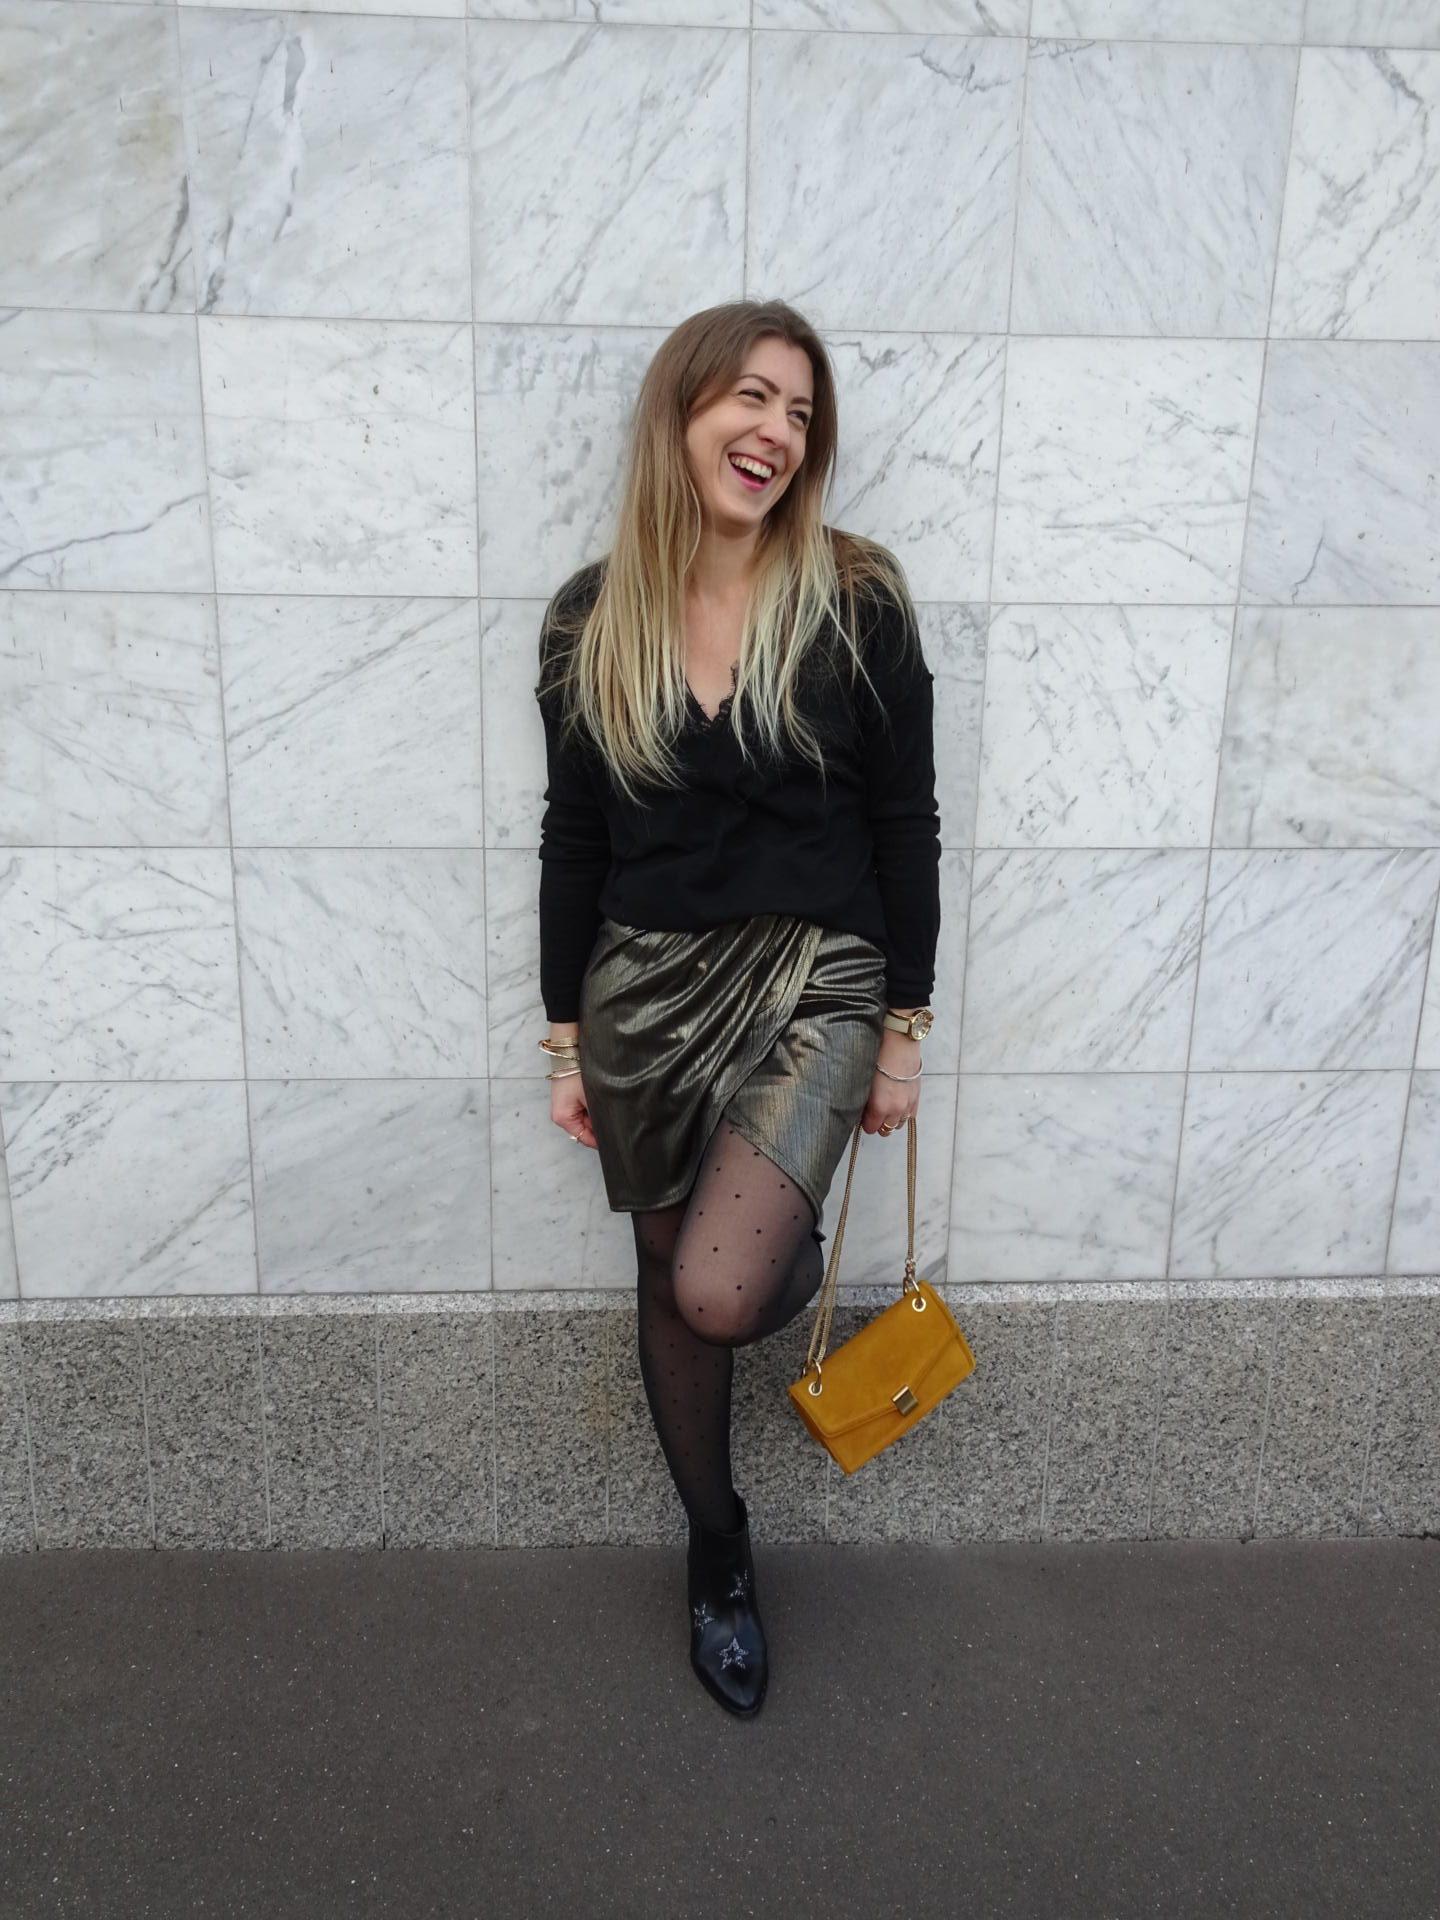 Sharefashion - Look & Astuces - Comment porter la robe dorée en journée